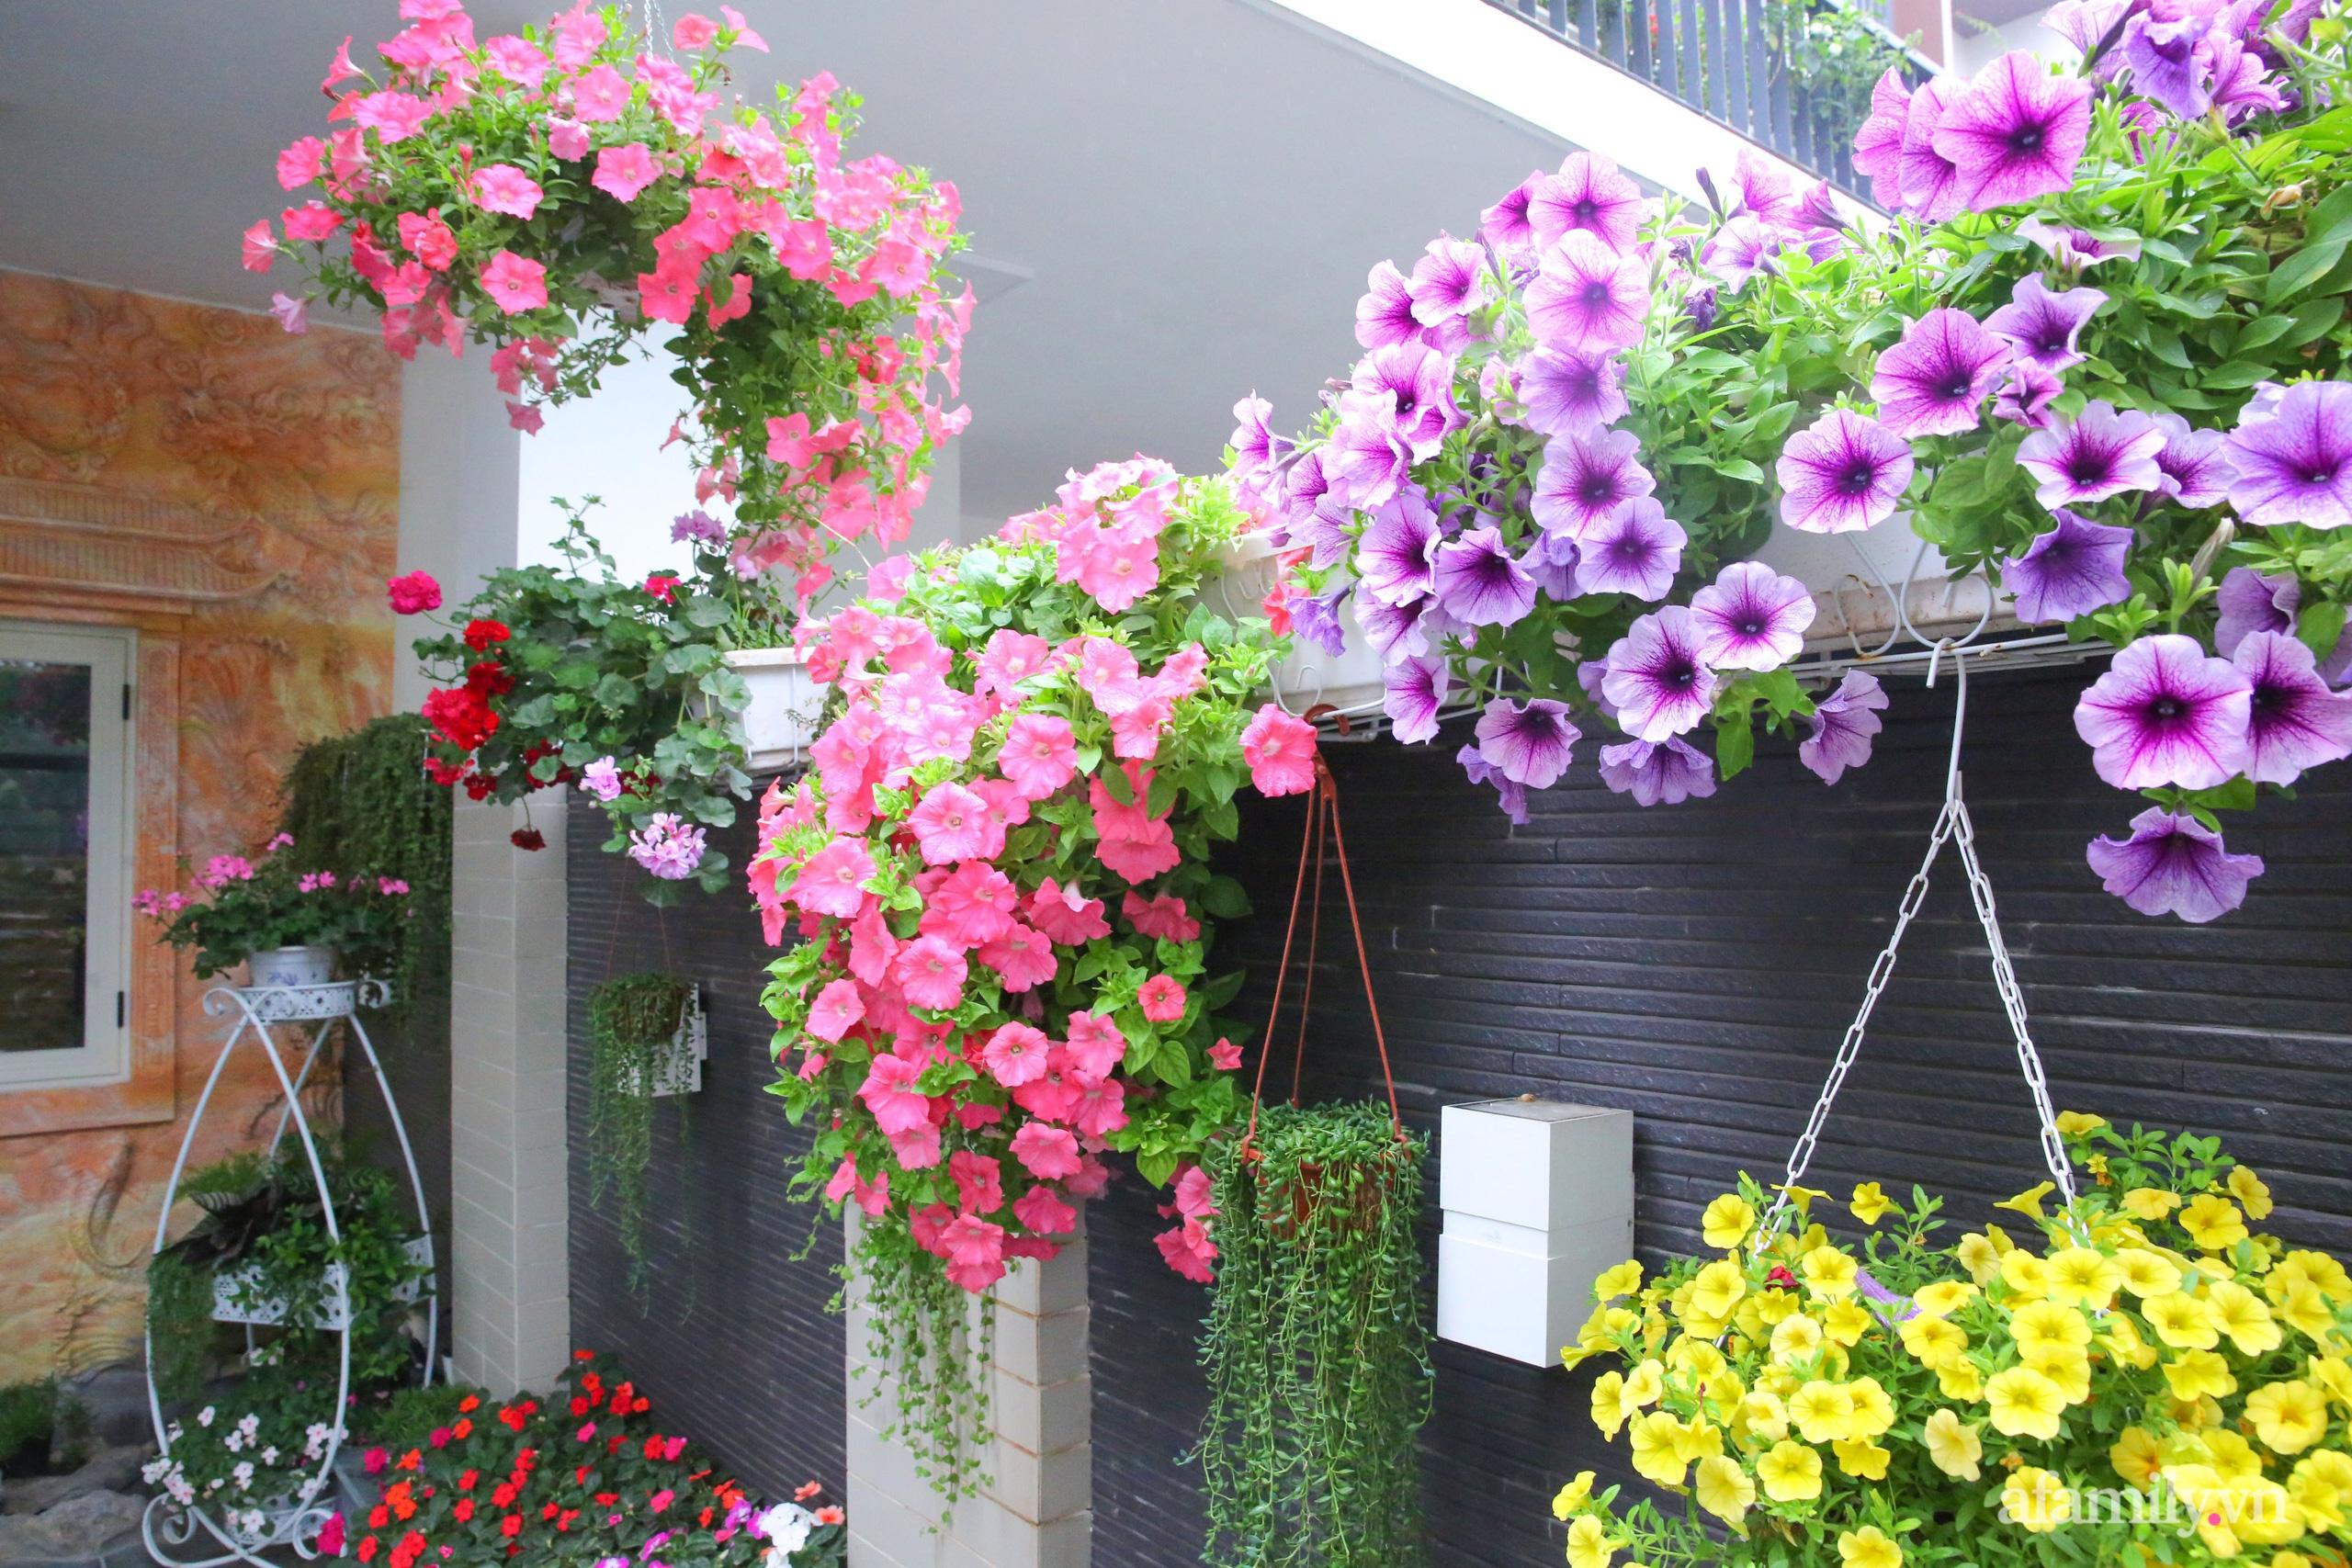 Kinh nghiệm trồng dạ yến thảo nở rực rỡ đủ sắc màu phủ kín mặt tiền nhà phố Hà Nội - Ảnh 5.